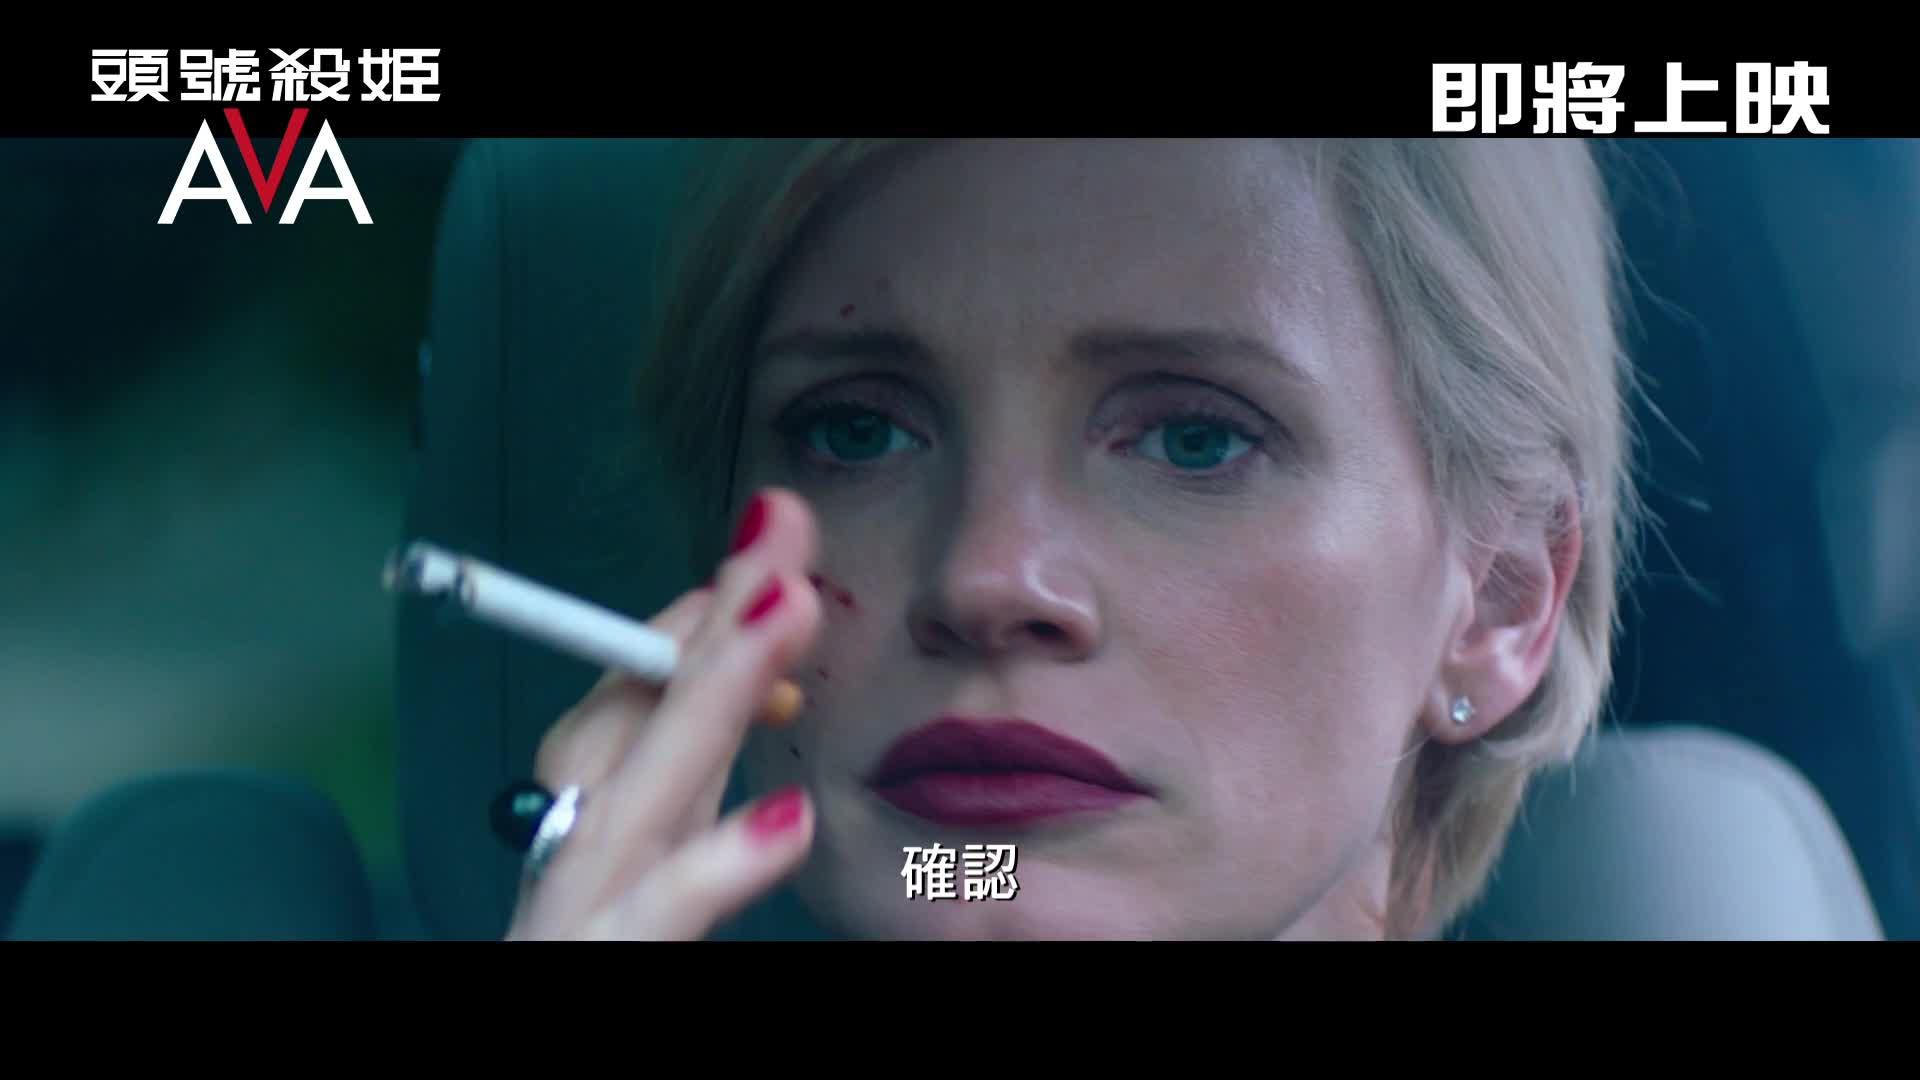 《頭號殺姬Ava》電影預告